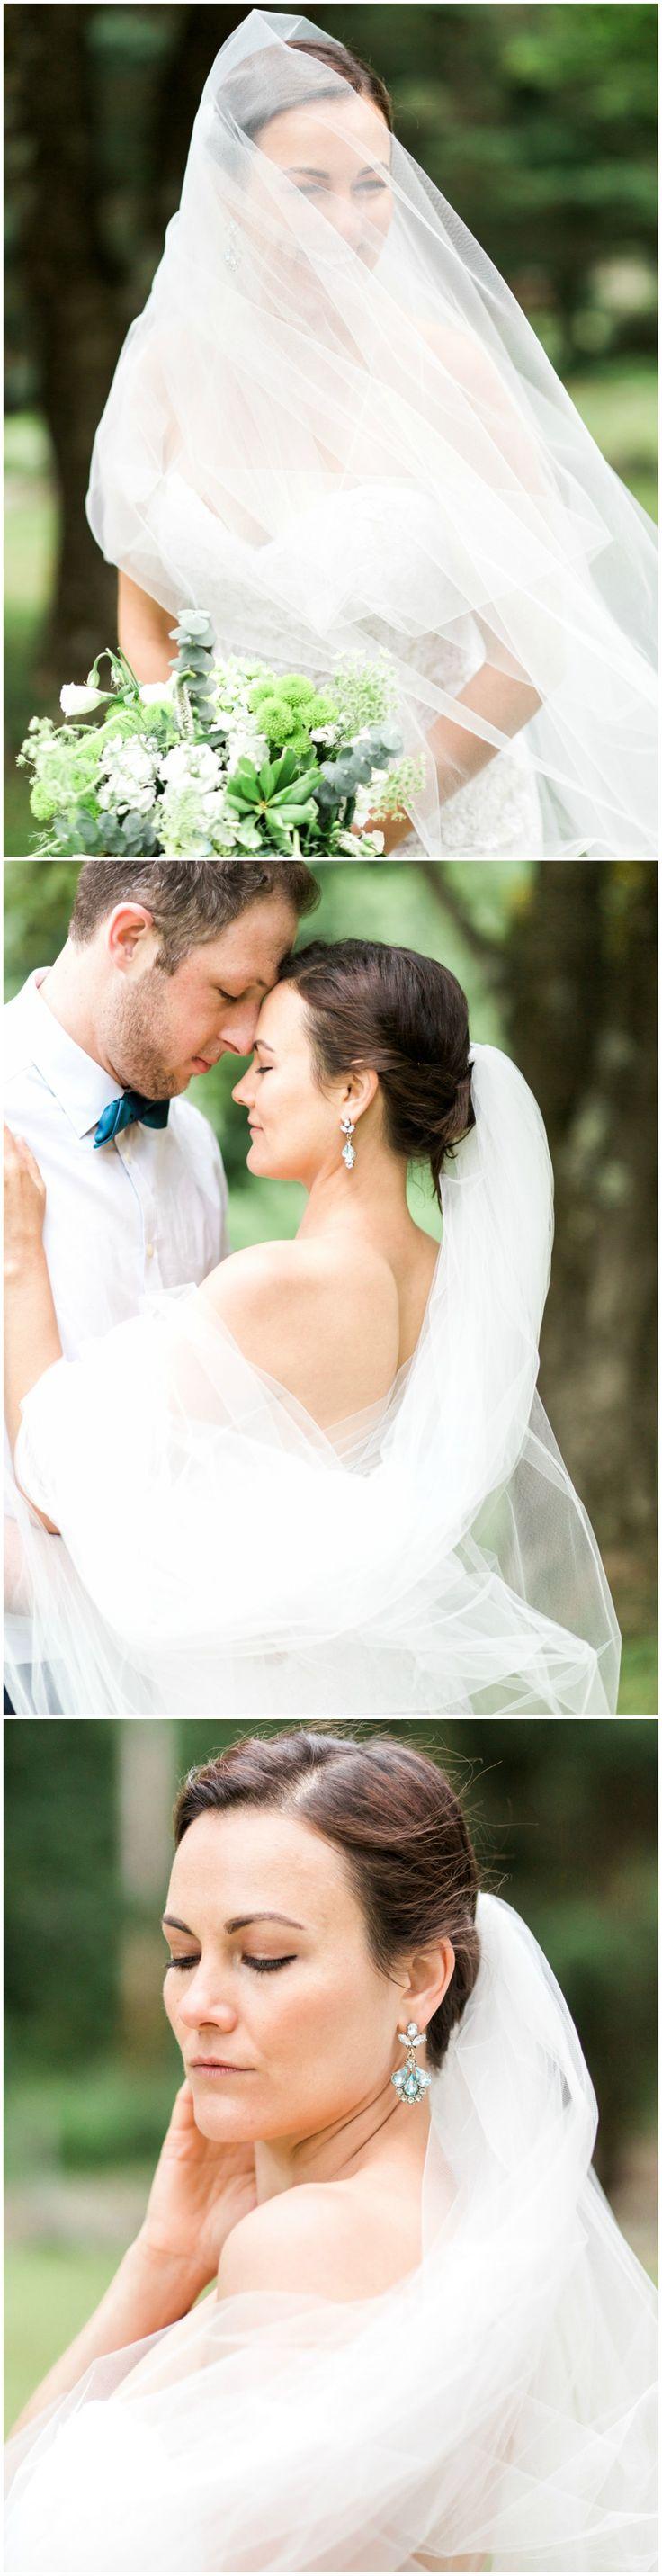 158 besten Bridal Veils Bilder auf Pinterest